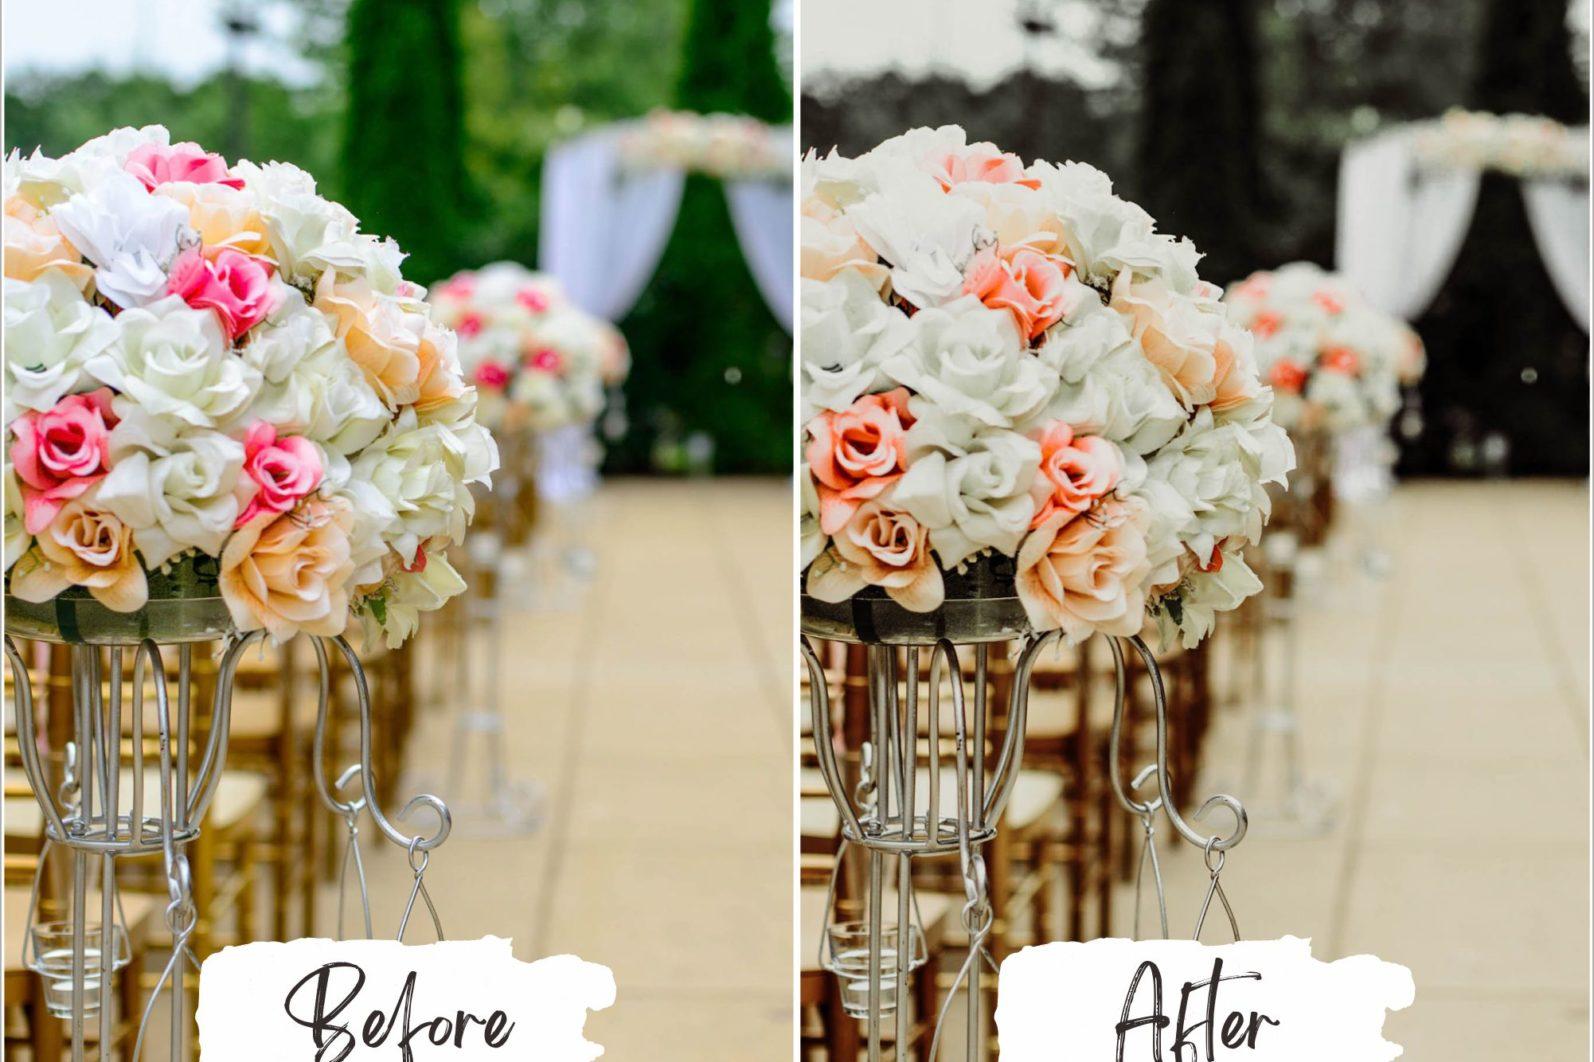 Rustic Wedding Lightroom Presets - Rustic Wedding Copy 4 -